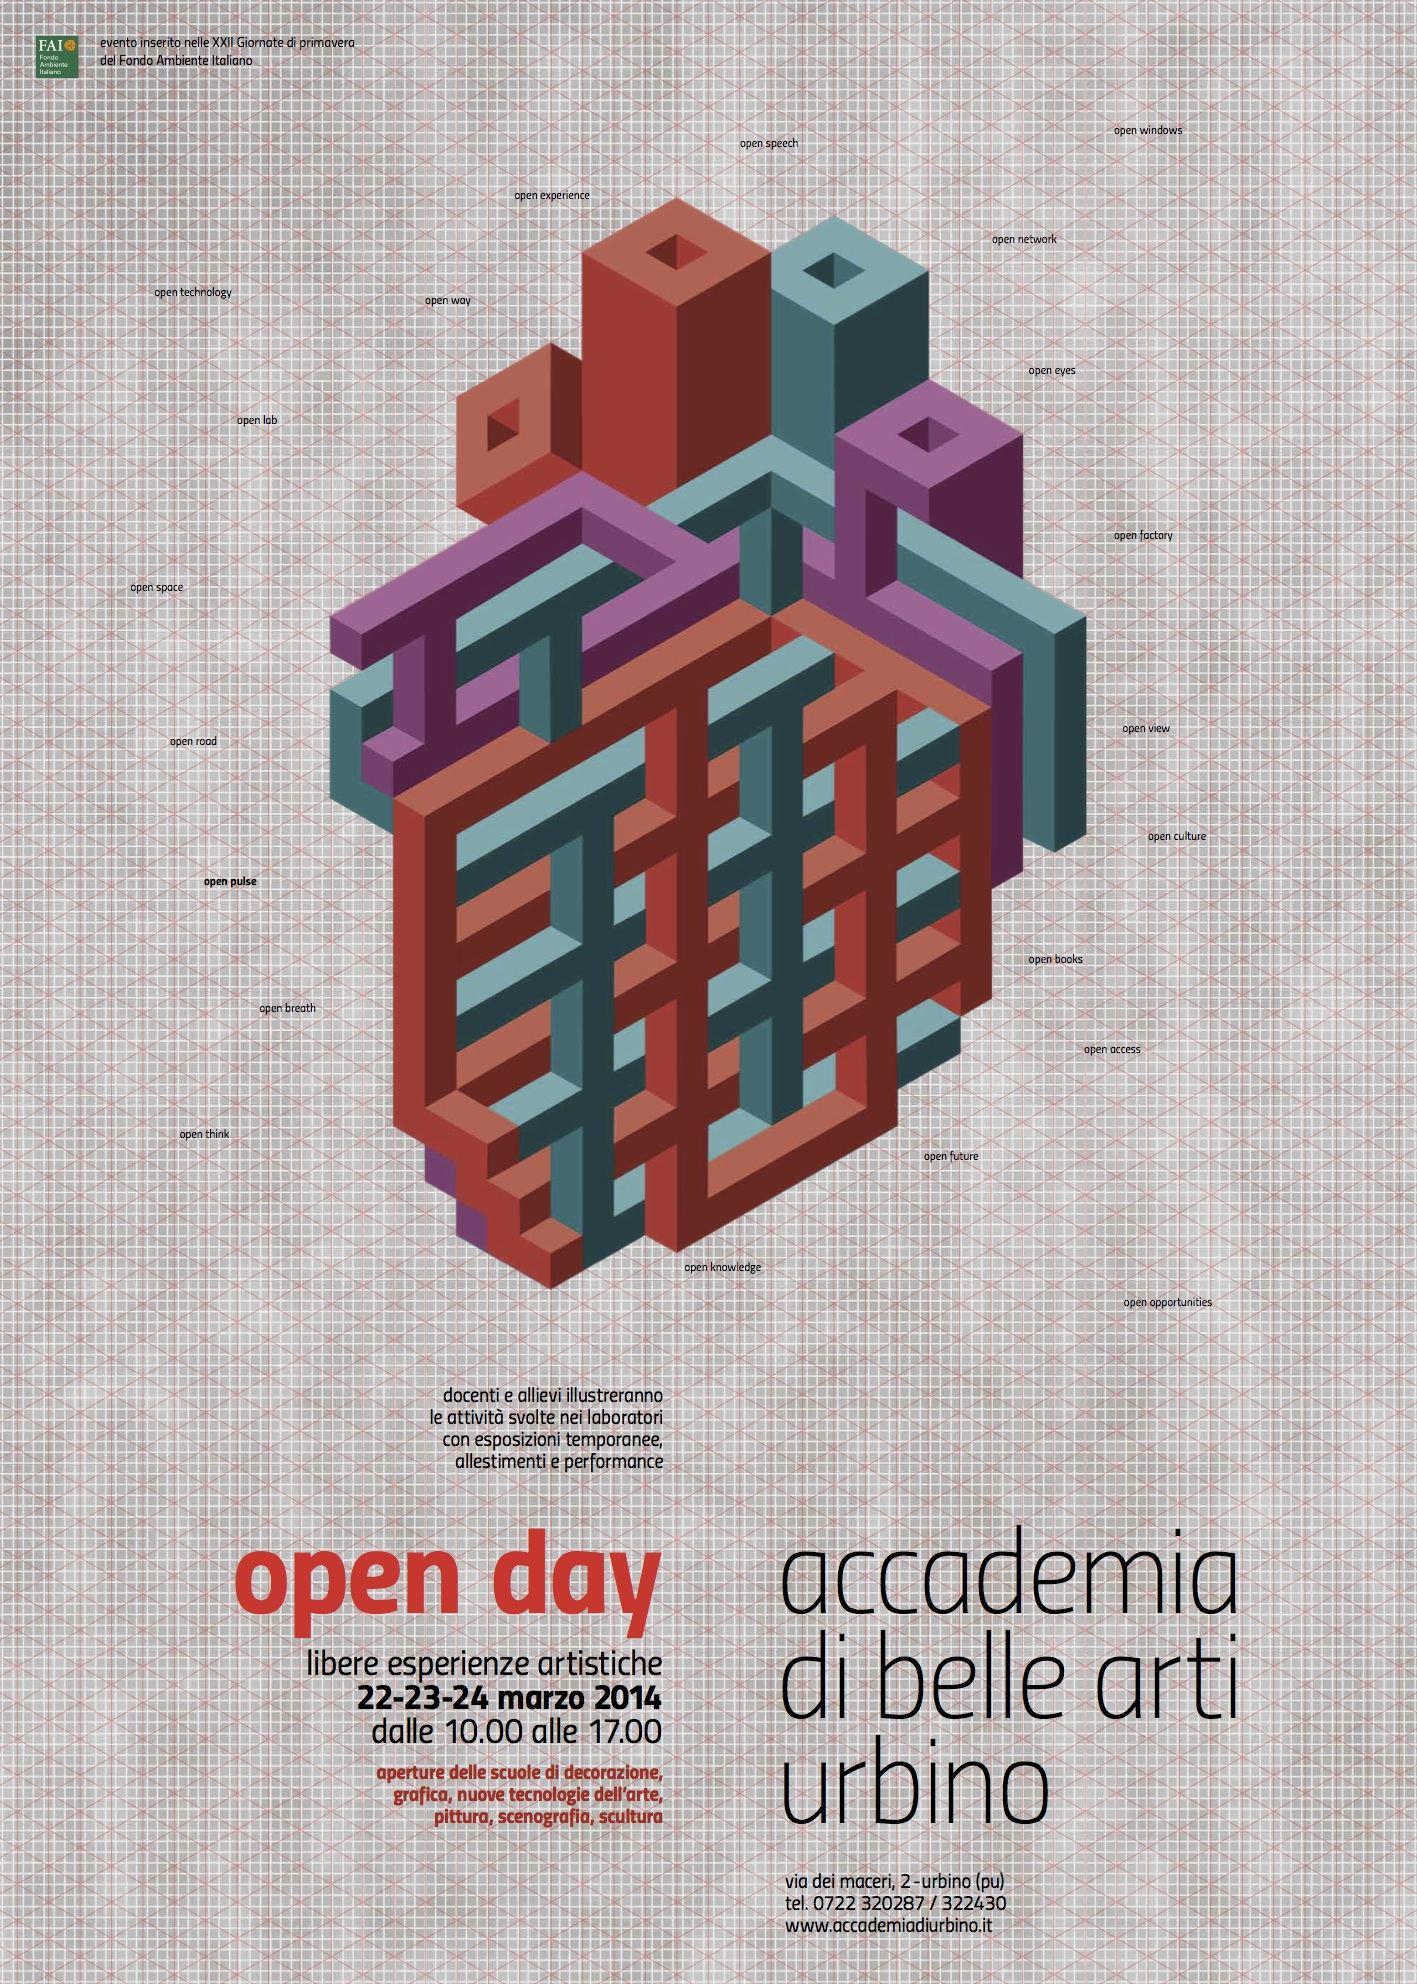 Open day 22 23 24 marzo 2014 accademia di belle arti di for Accademia belle arti design